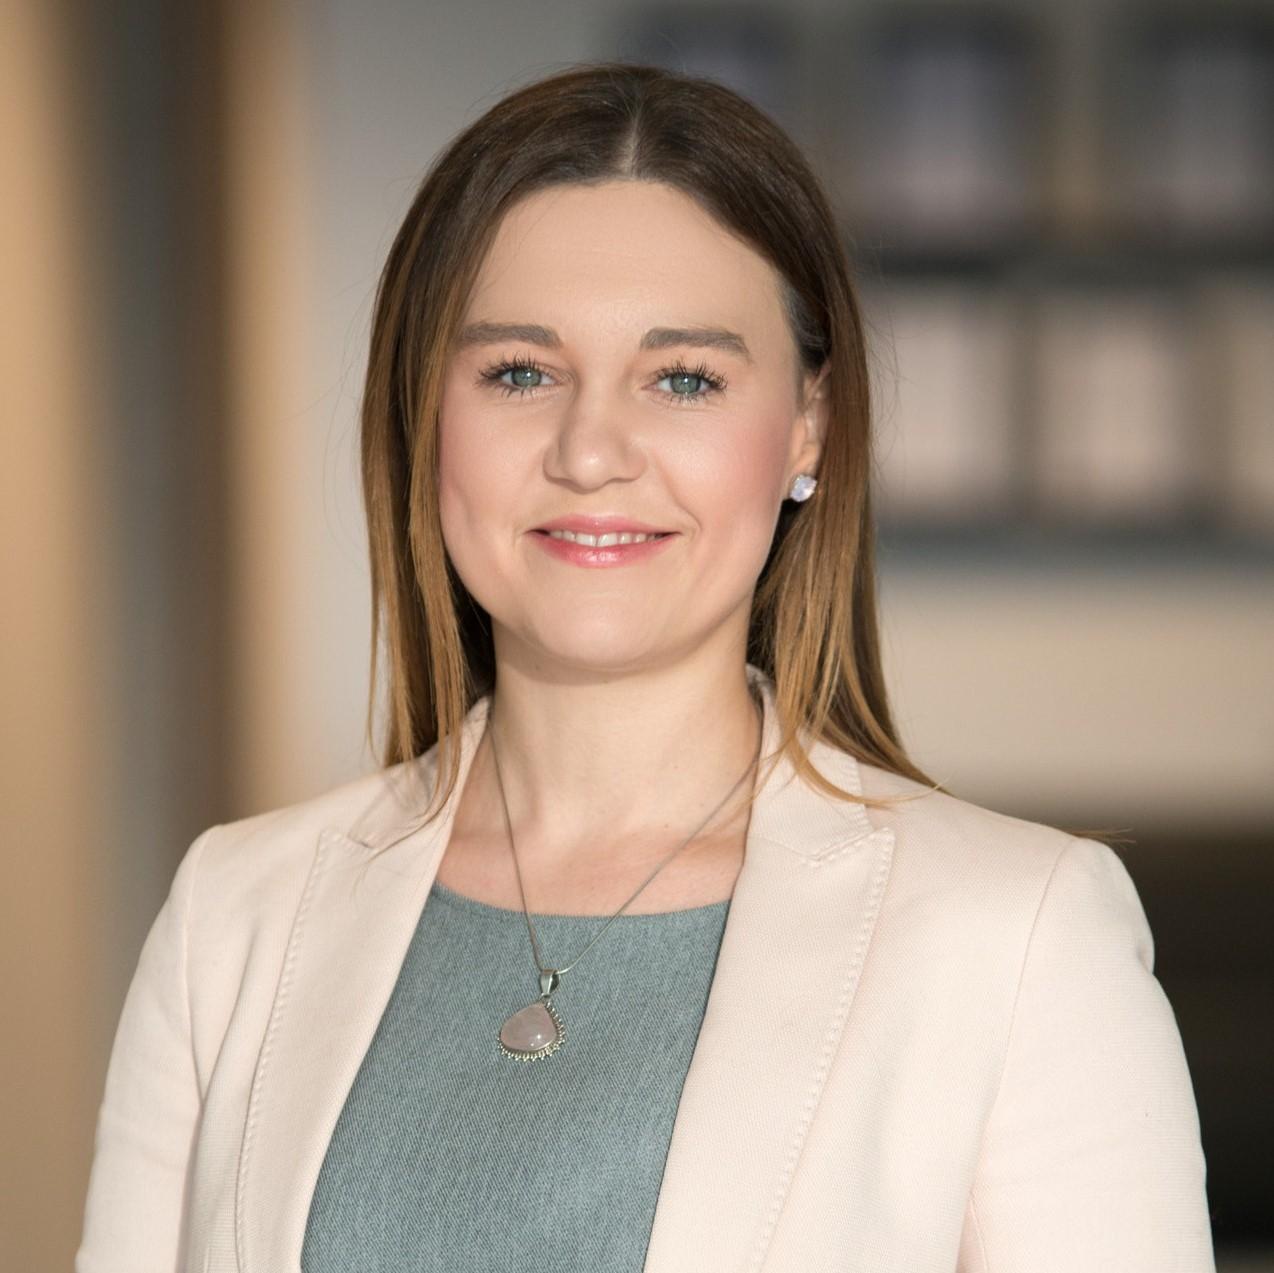 Agnieszka Wachowska